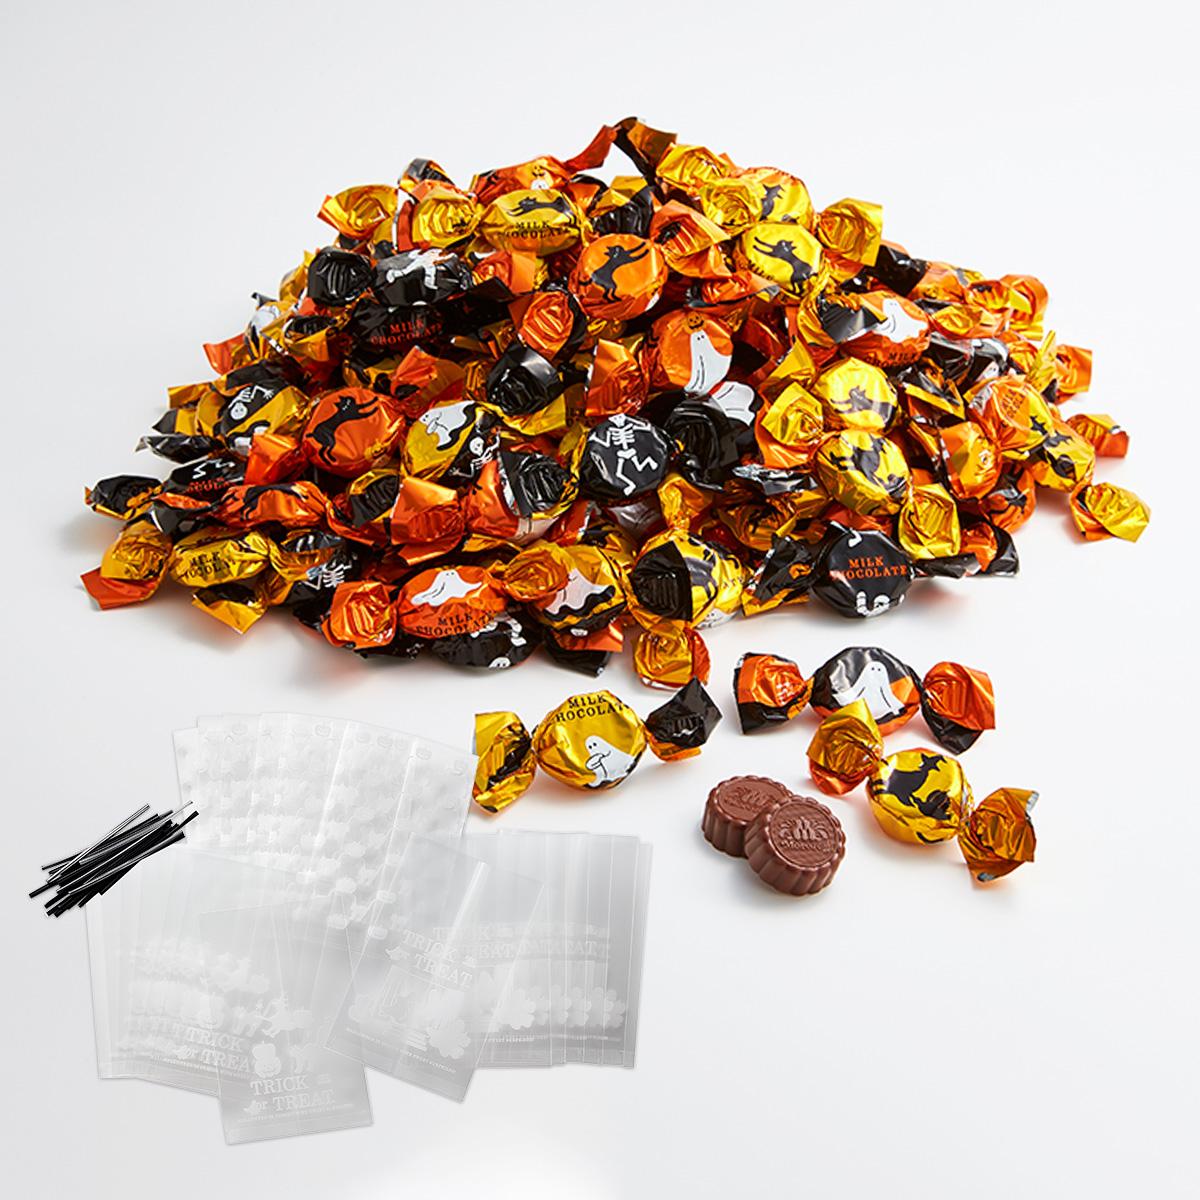 小分け袋とワイヤー入り ミルクチョコレート詰合せ 最安値挑戦 モロゾフ バースデー 記念日 ギフト 贈物 お勧め 通販 000g ハロウィーン 1